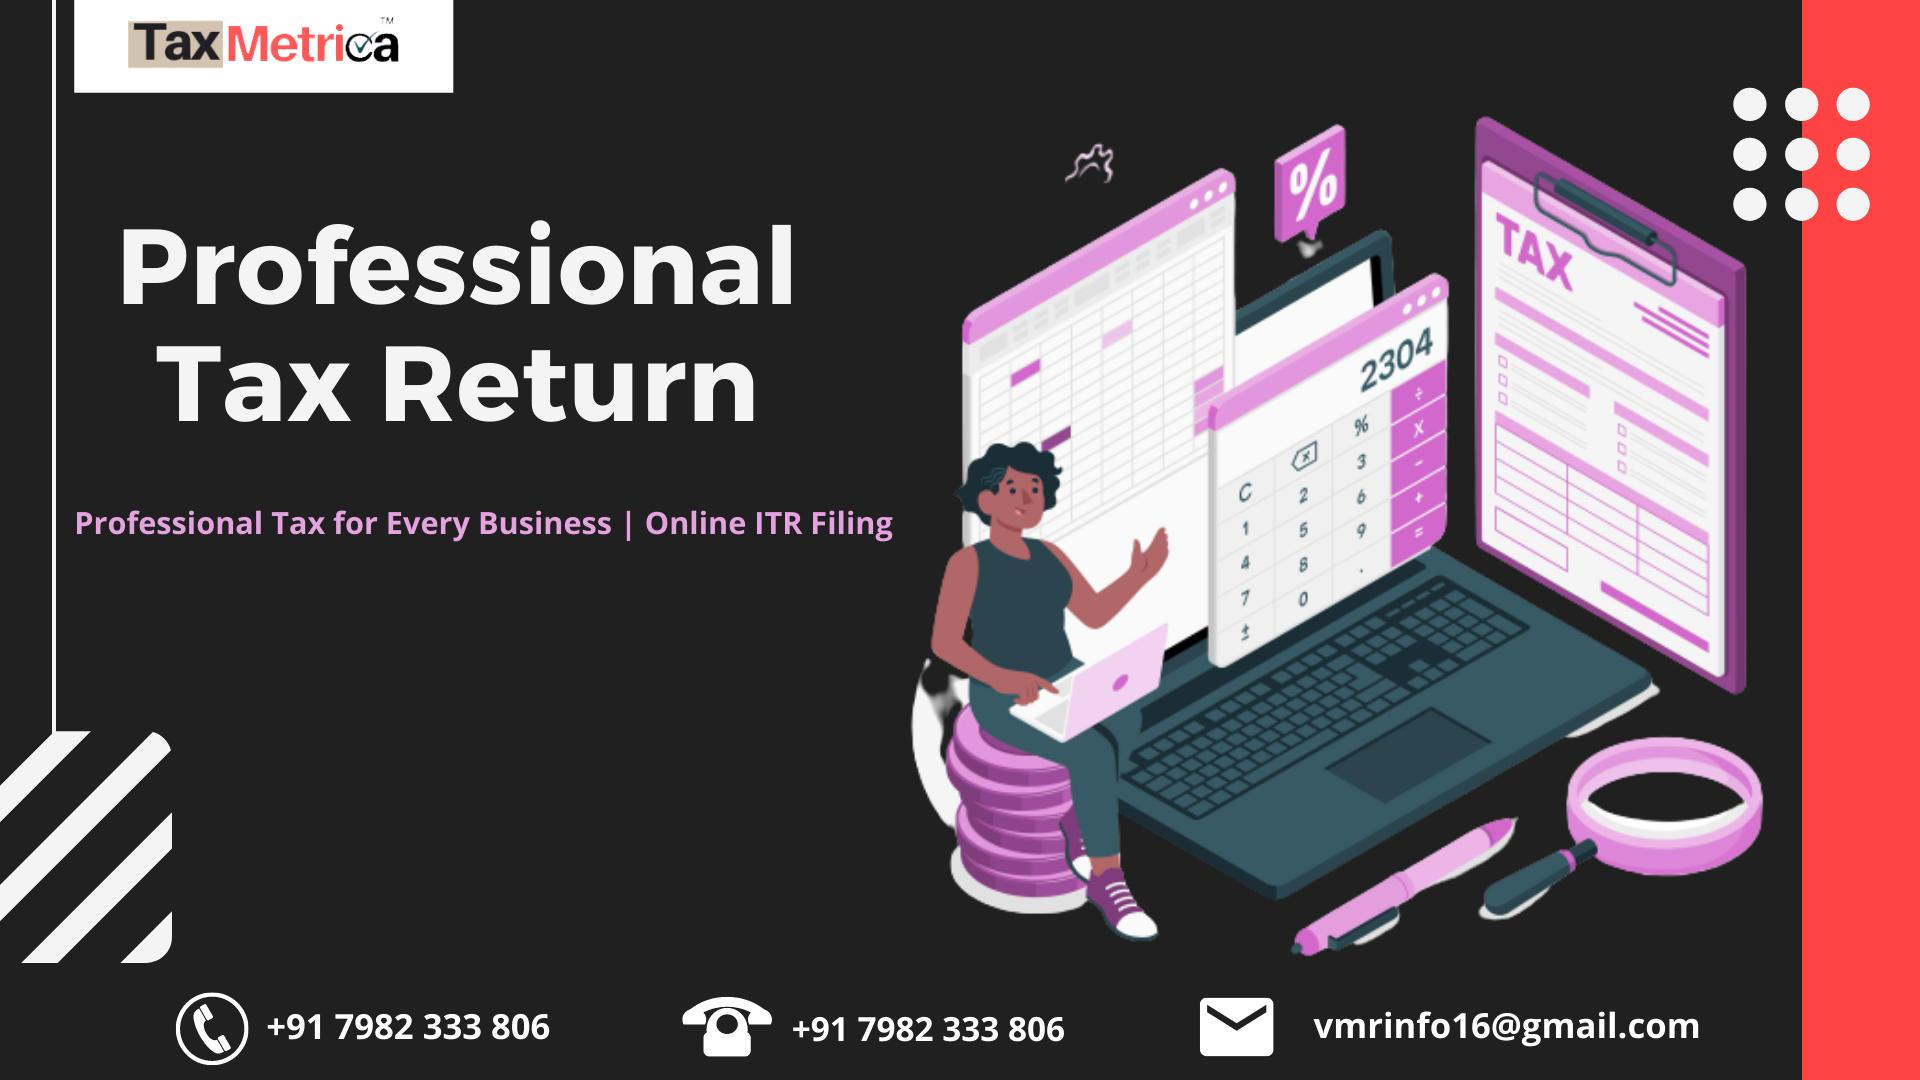 Professional Tax Return